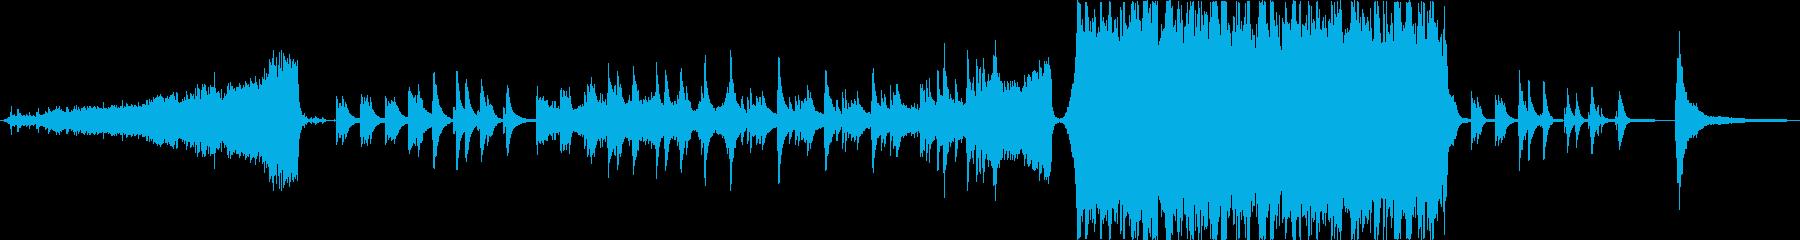 ピアノメインのオーケストレーション感動曲の再生済みの波形